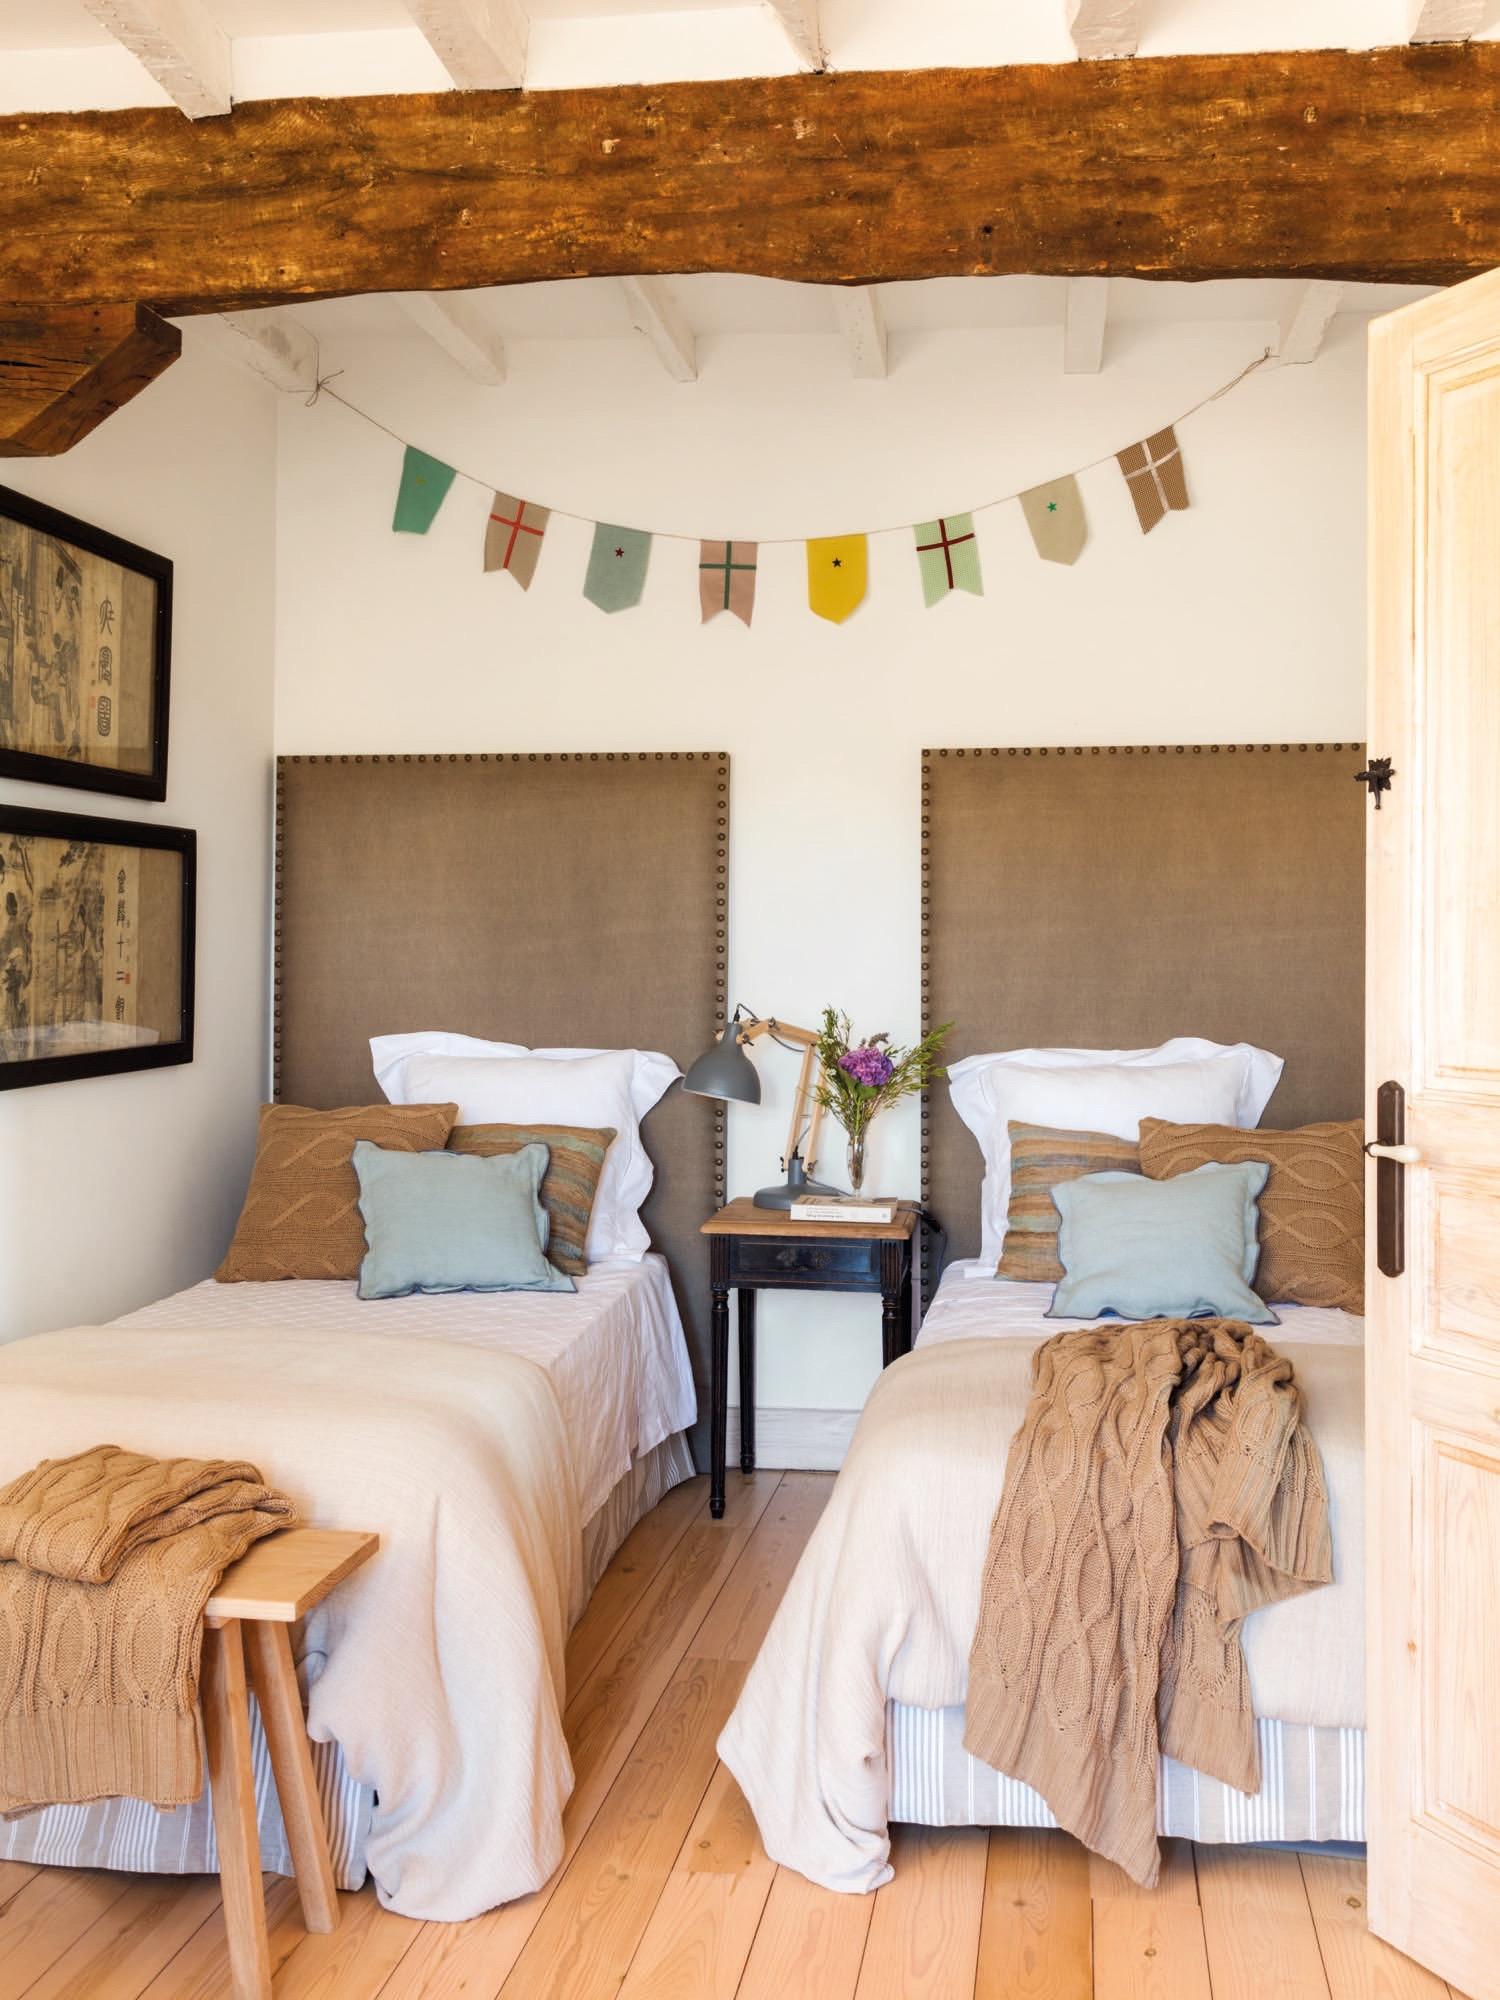 dormitorio juvenil en una casa rustica con cabeceros tapizados